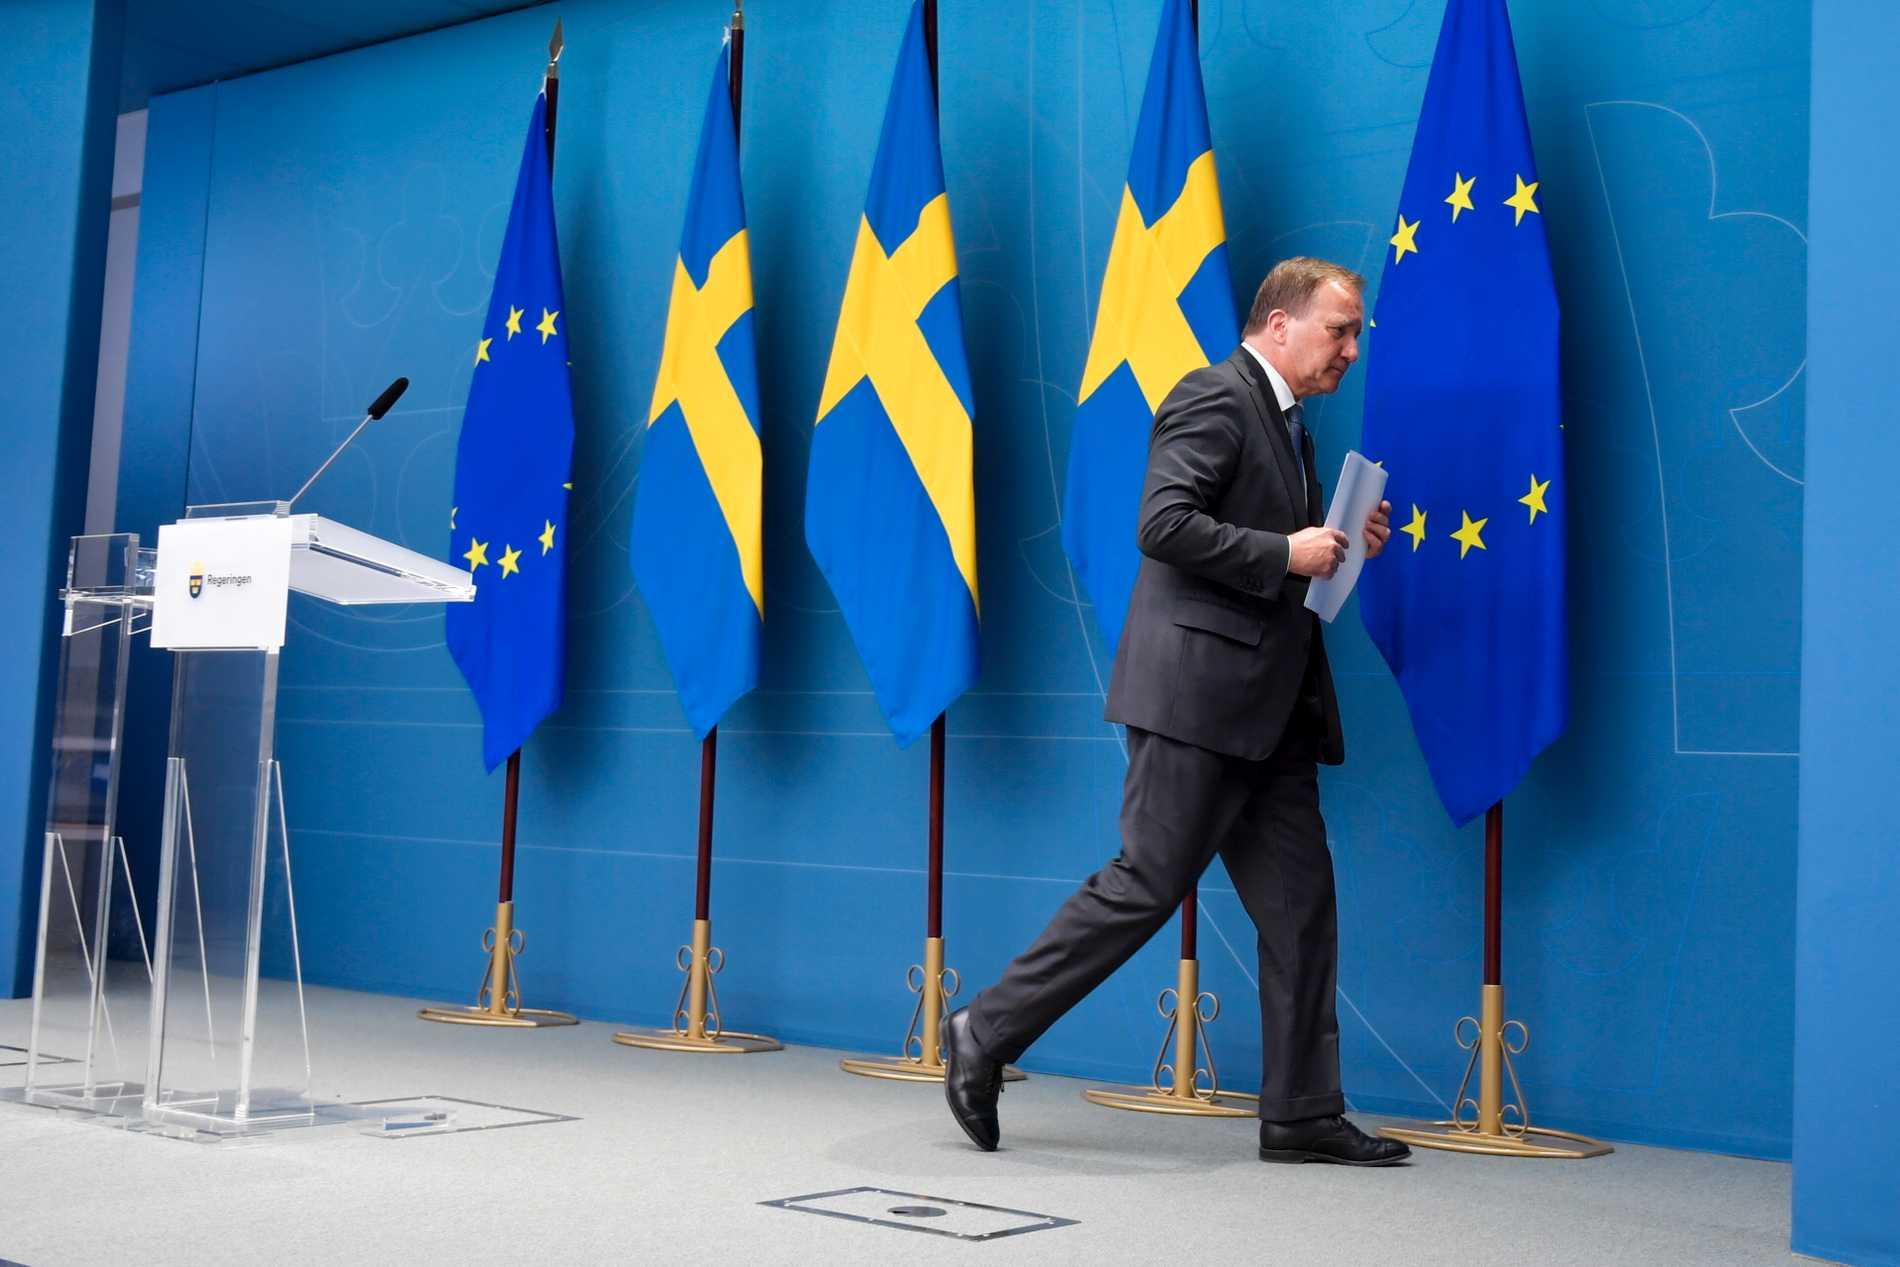 Statsminister Stefan Löfven (S) på väg ut från pressträffen i Rosenbad efter att ha förlorat misstroendeomröstningen i riksdagen.